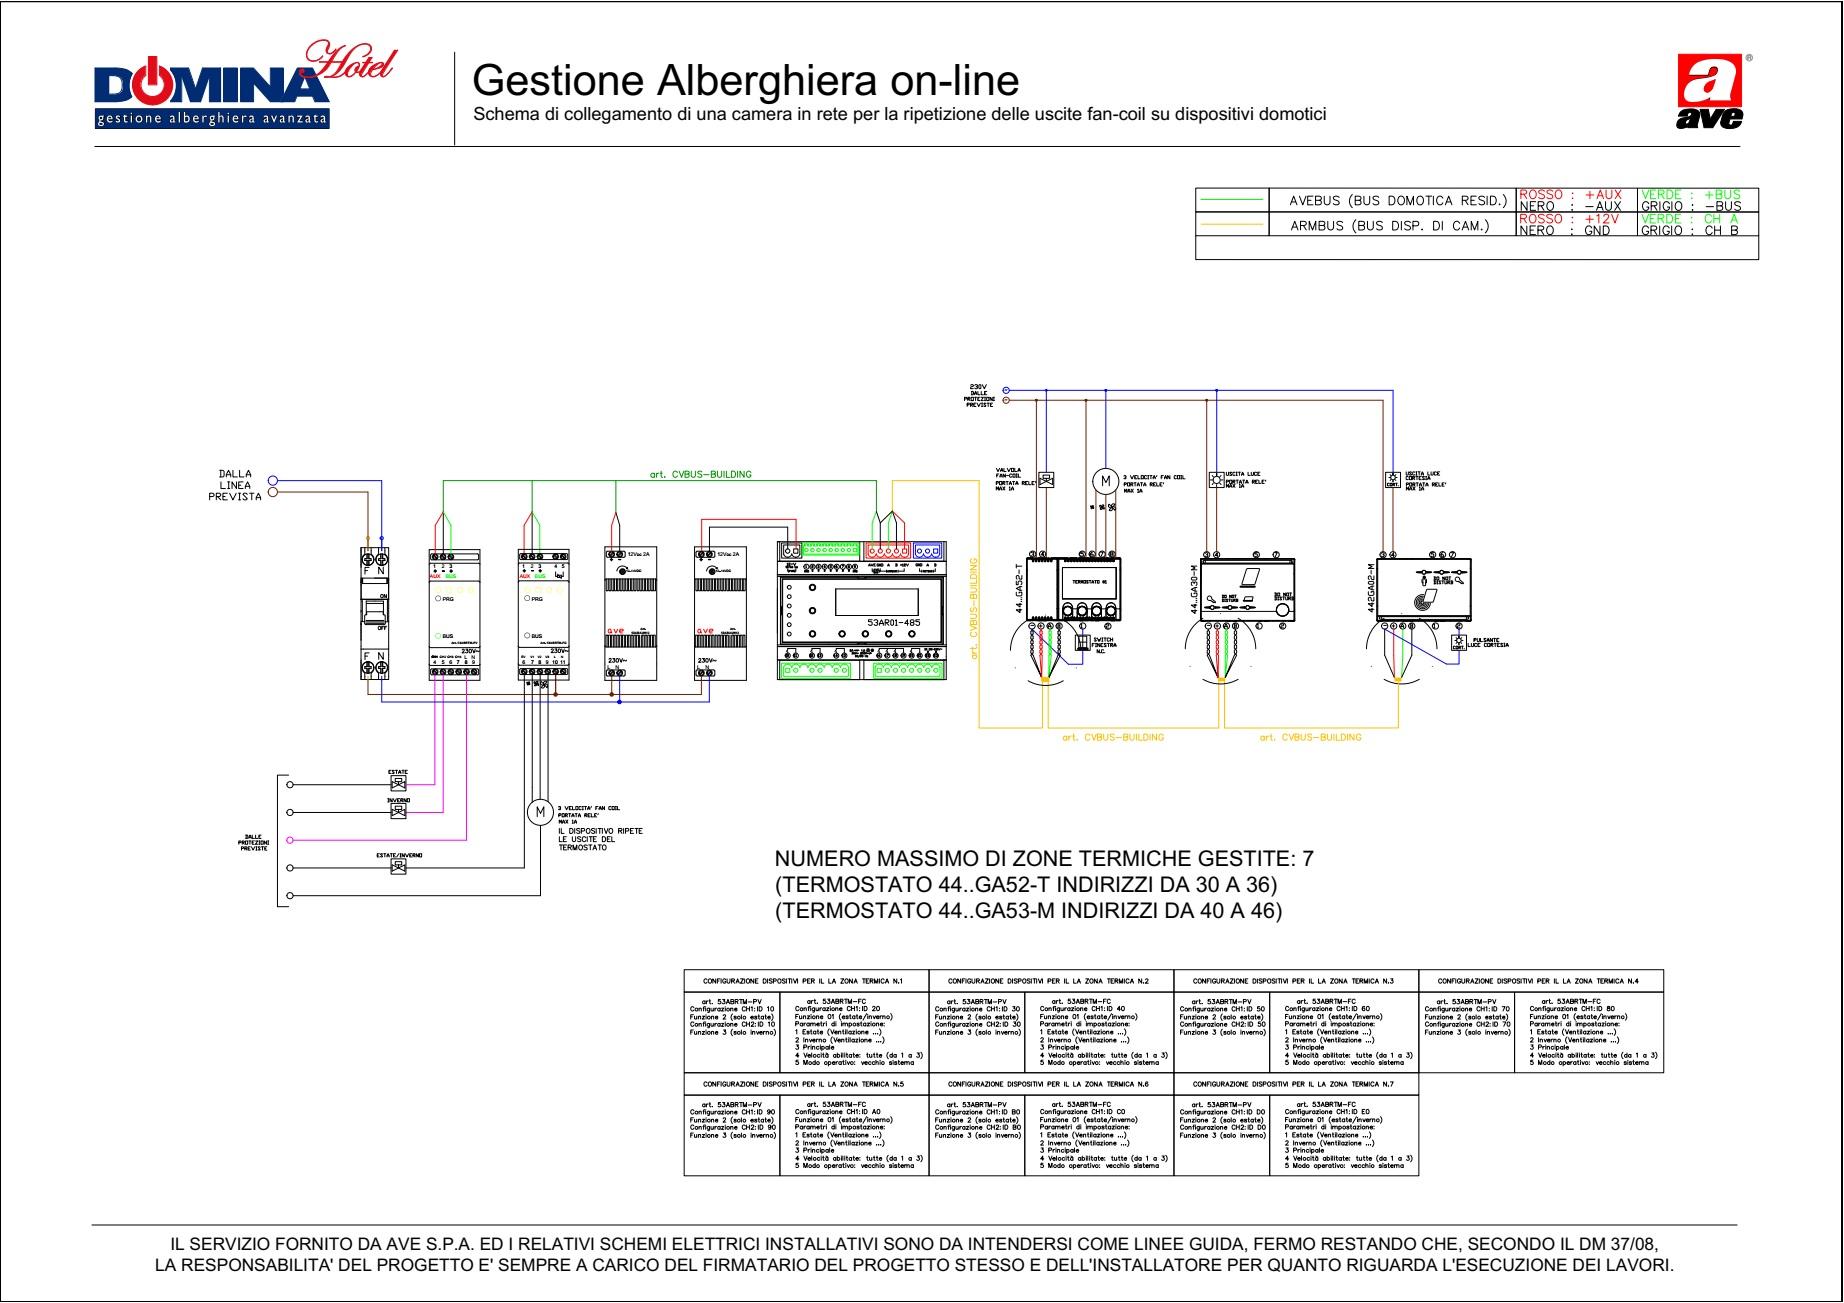 Gestione Alberghiera on-line - ripetizione termostato su dispositivi domotici